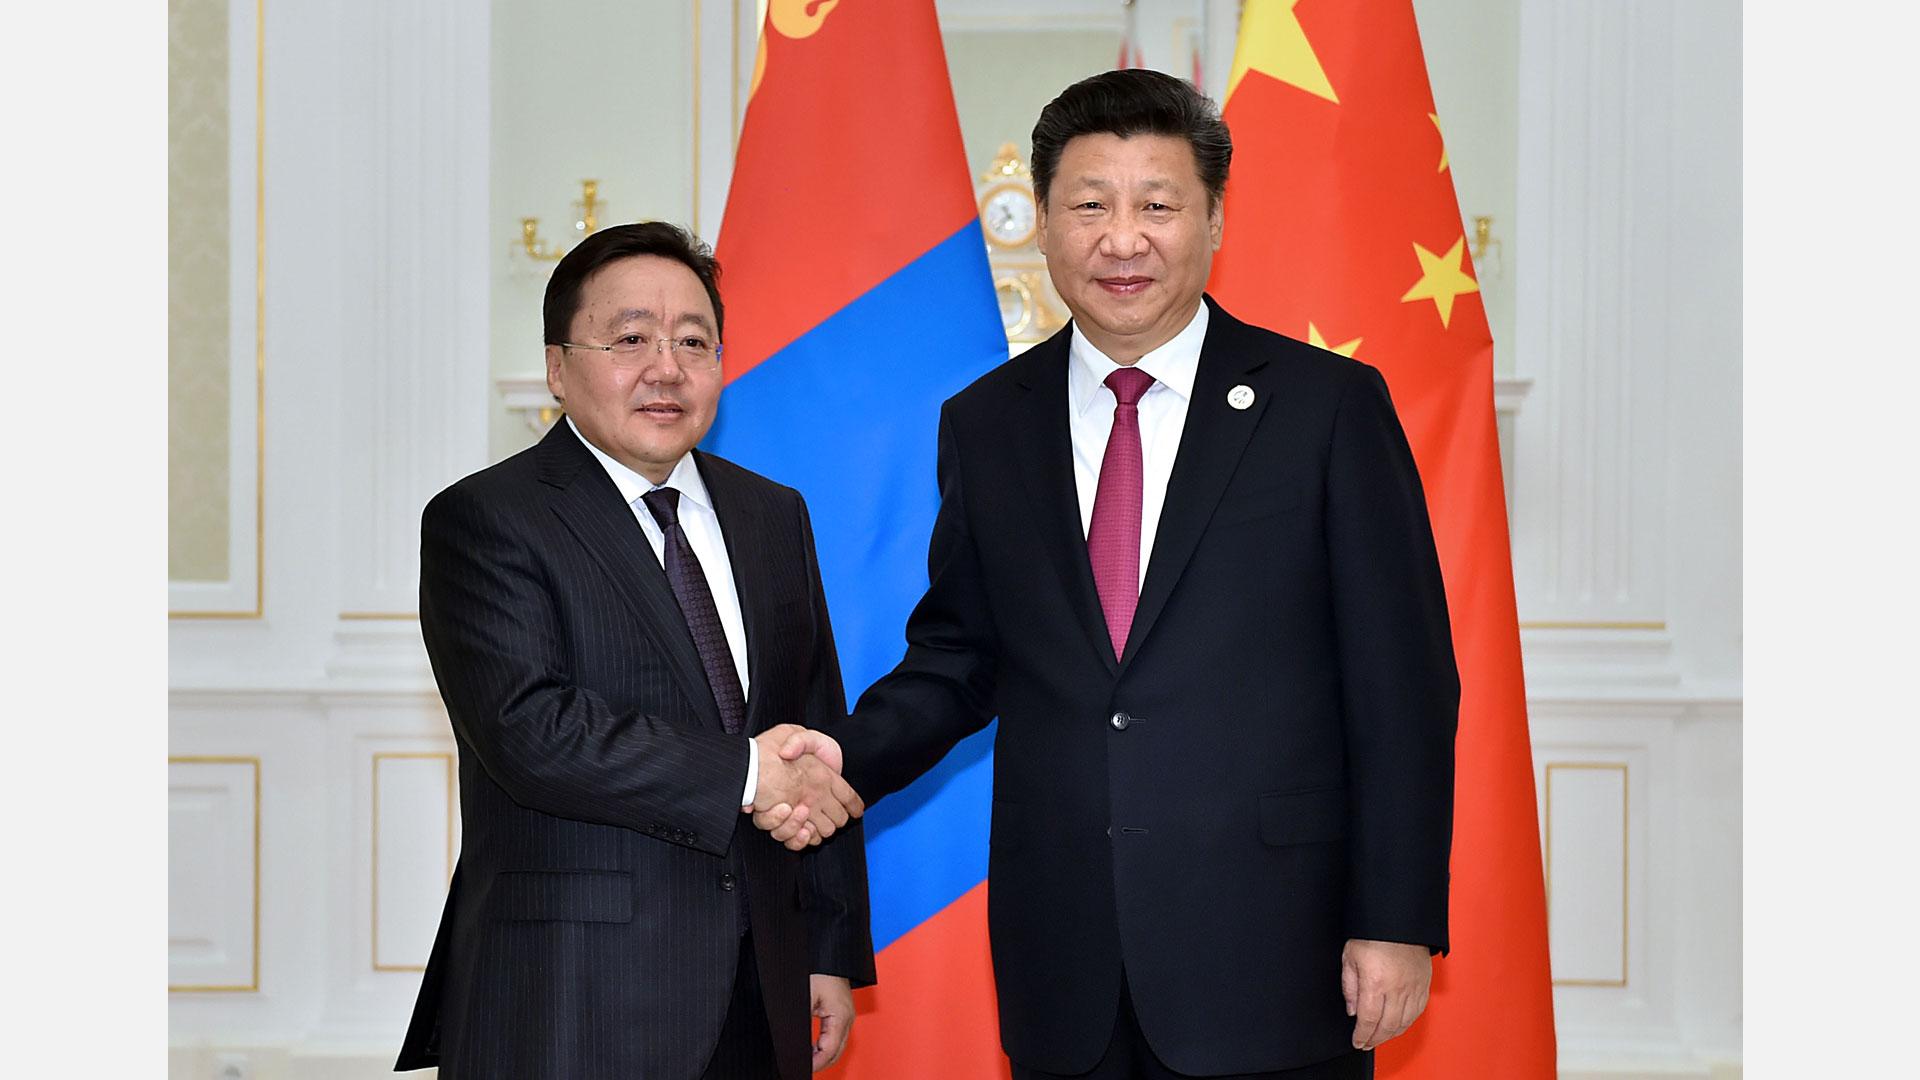 習近平會見蒙古國總統額勒貝格道爾吉